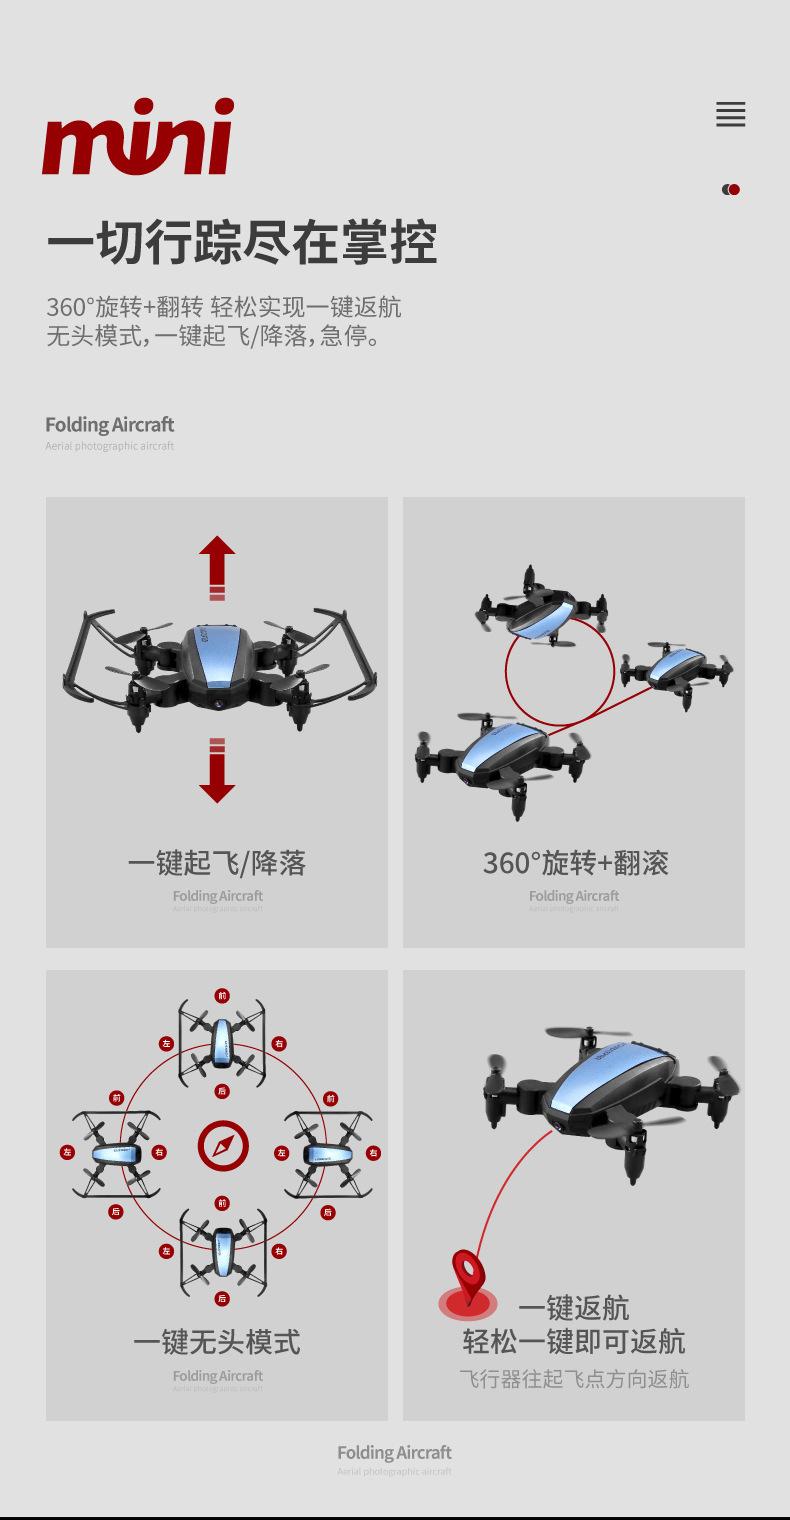 Mini drone pliant HD - Ref 3424325 Image 25